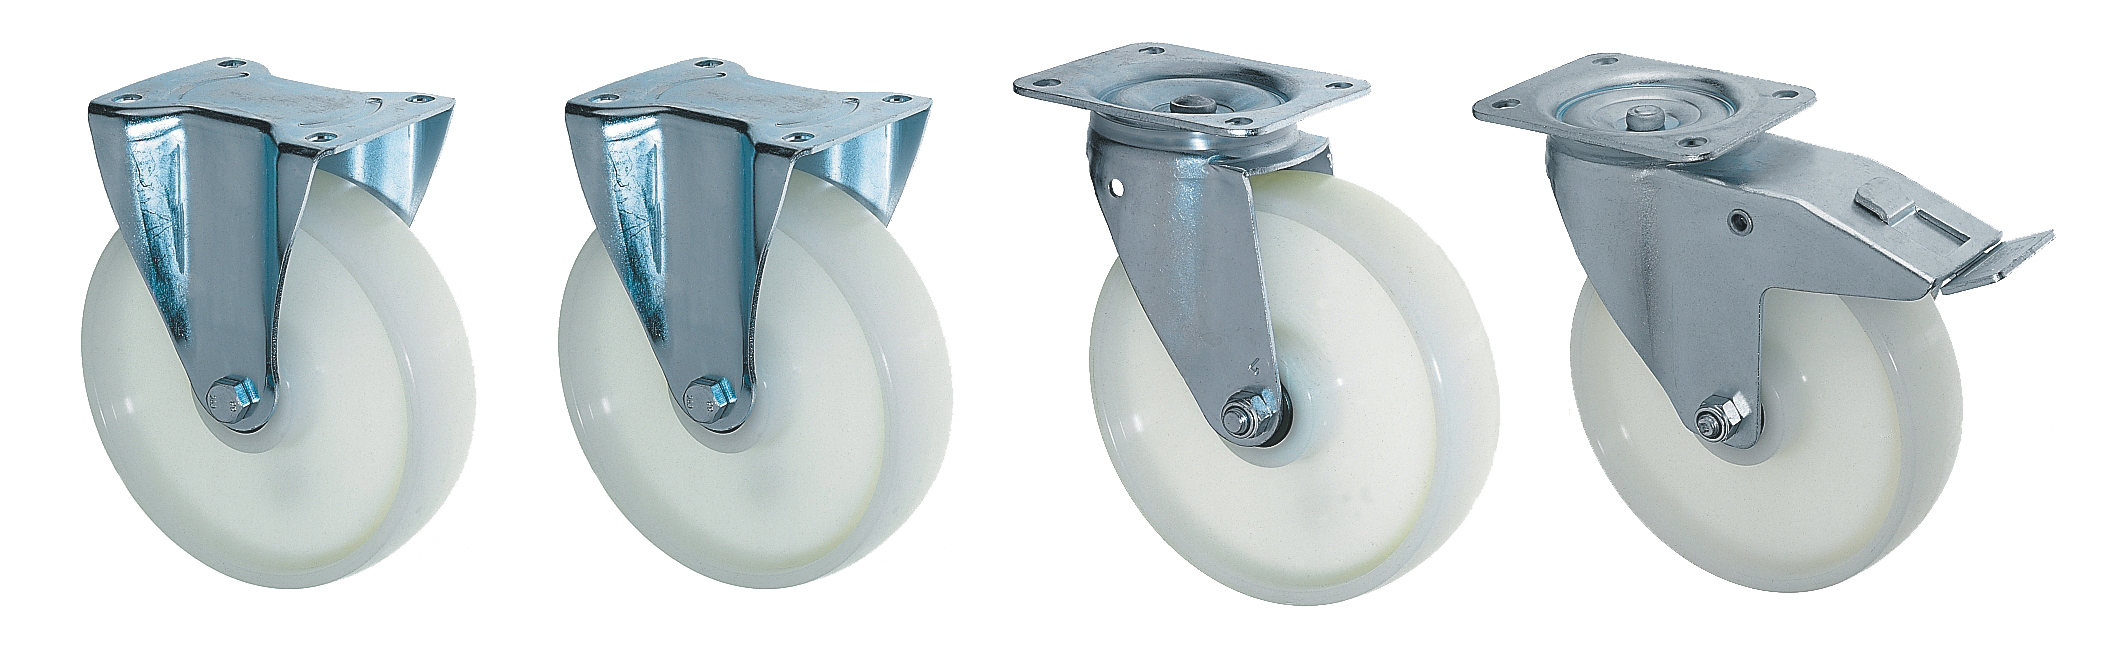 Lenk-u.Bockrollen Set für Kippbehälter EXPO bis max 1350 kg